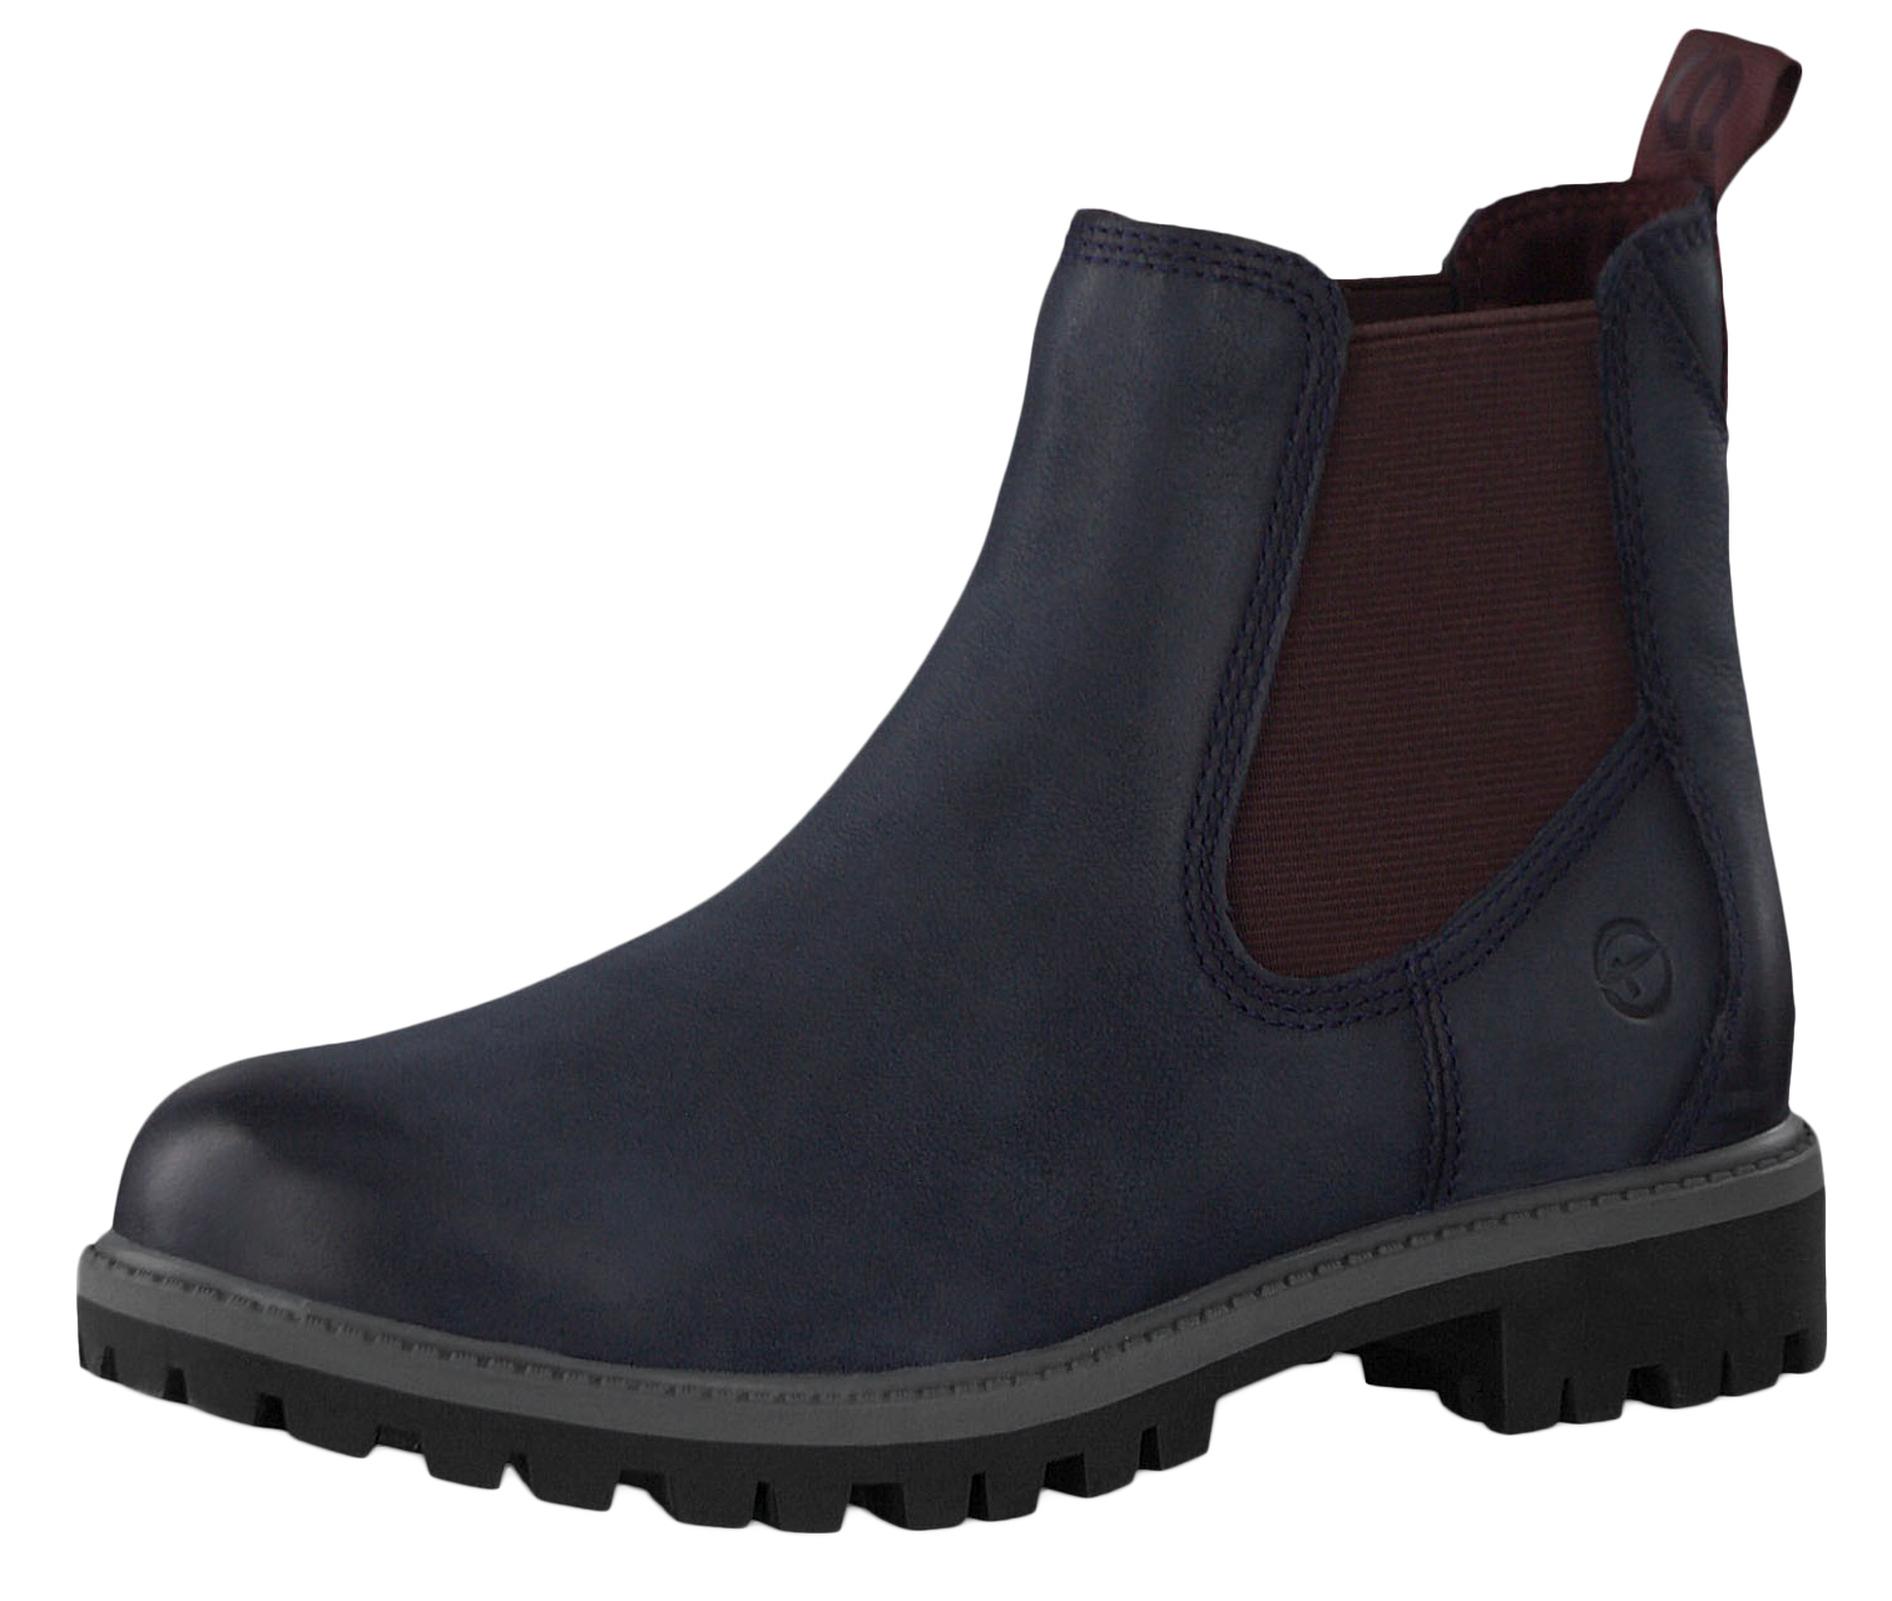 Tamaris 1 25401 23 817 Damen Stiefelette Chelsea Boots NavyBordeaux Blau mit TOUCH IT Sohle